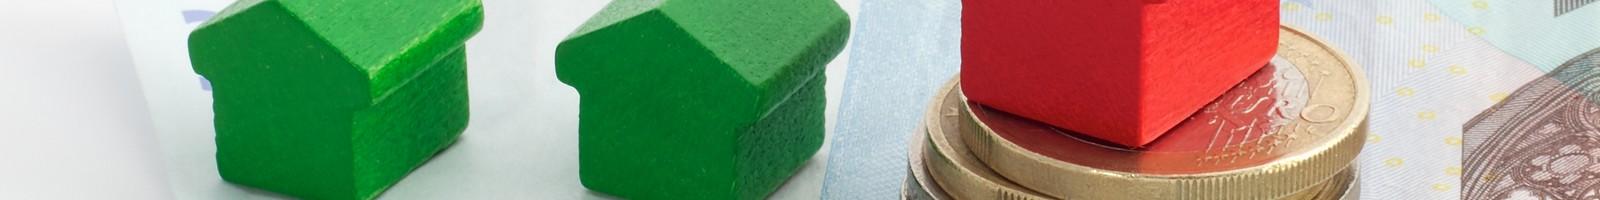 Les plus modestes peuvent désormais prétendre à trois nouvelles subventions en matière de logement